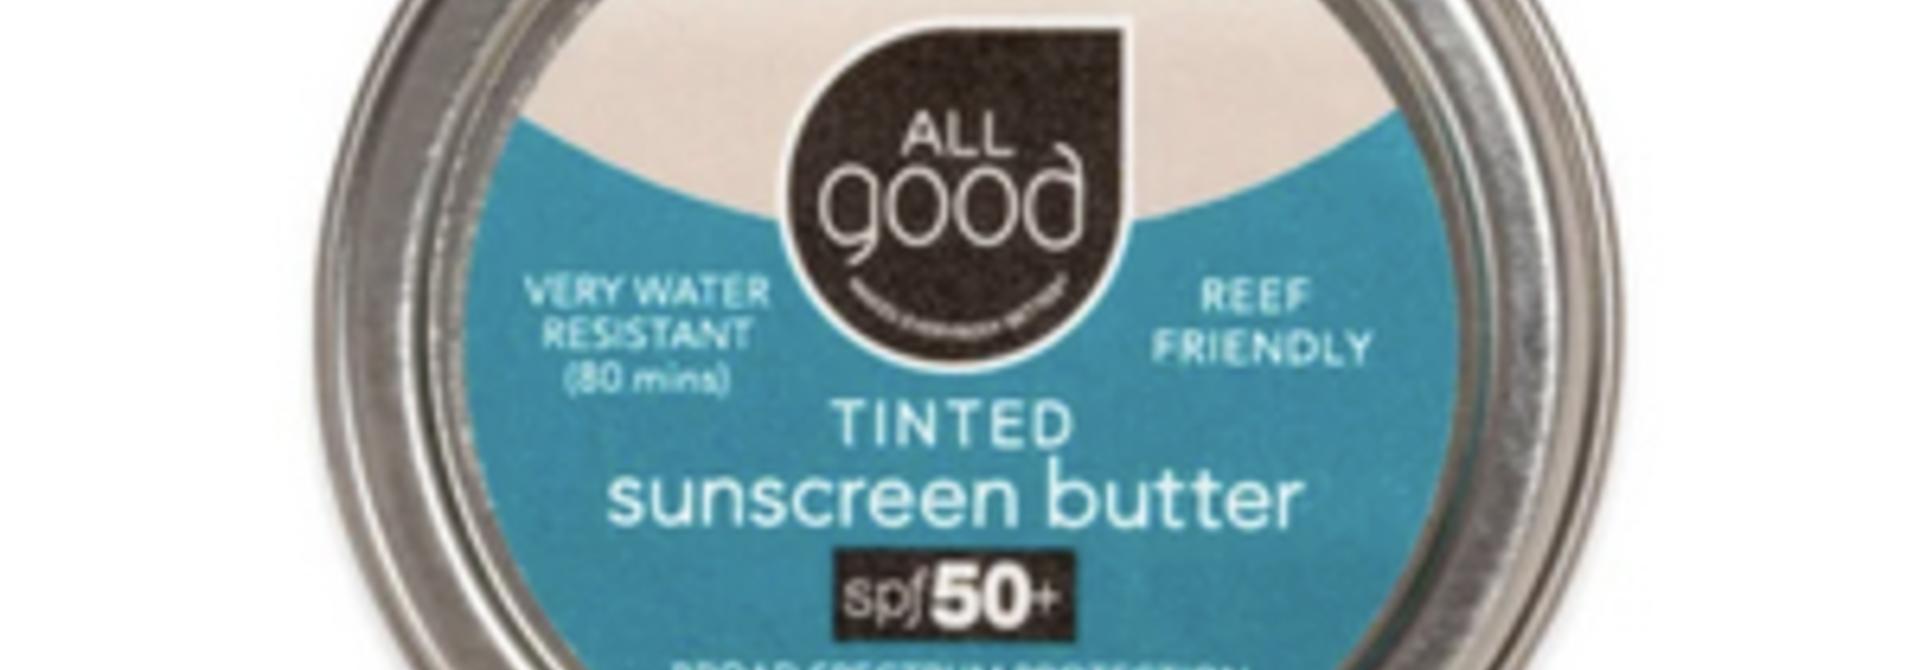 Sunscreen Butter